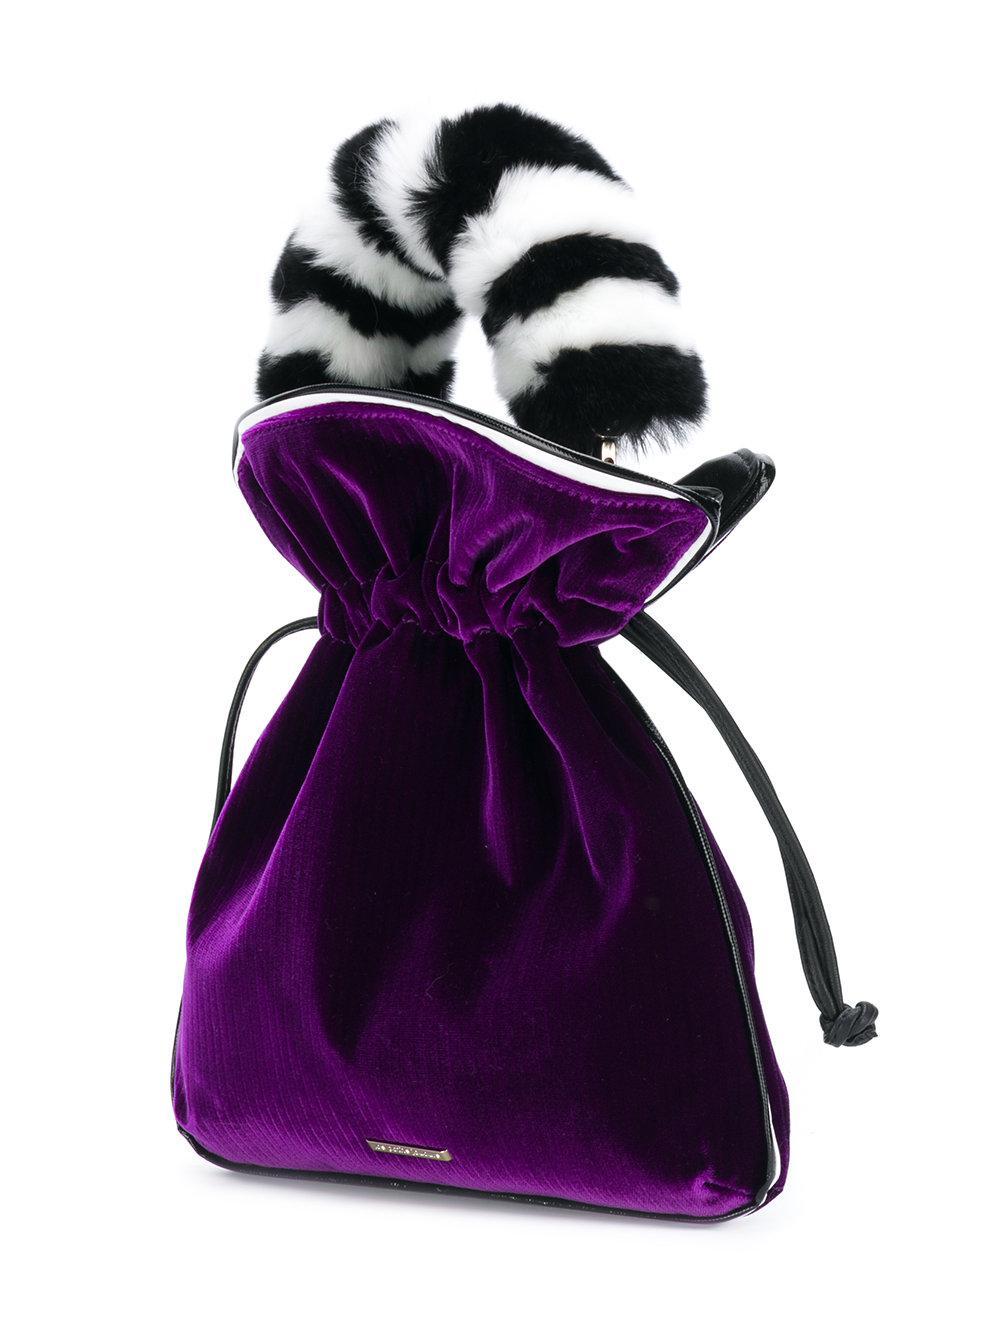 fur handle drawstring satchel - Pink & Purple Les Petits Joueurs aQrTG